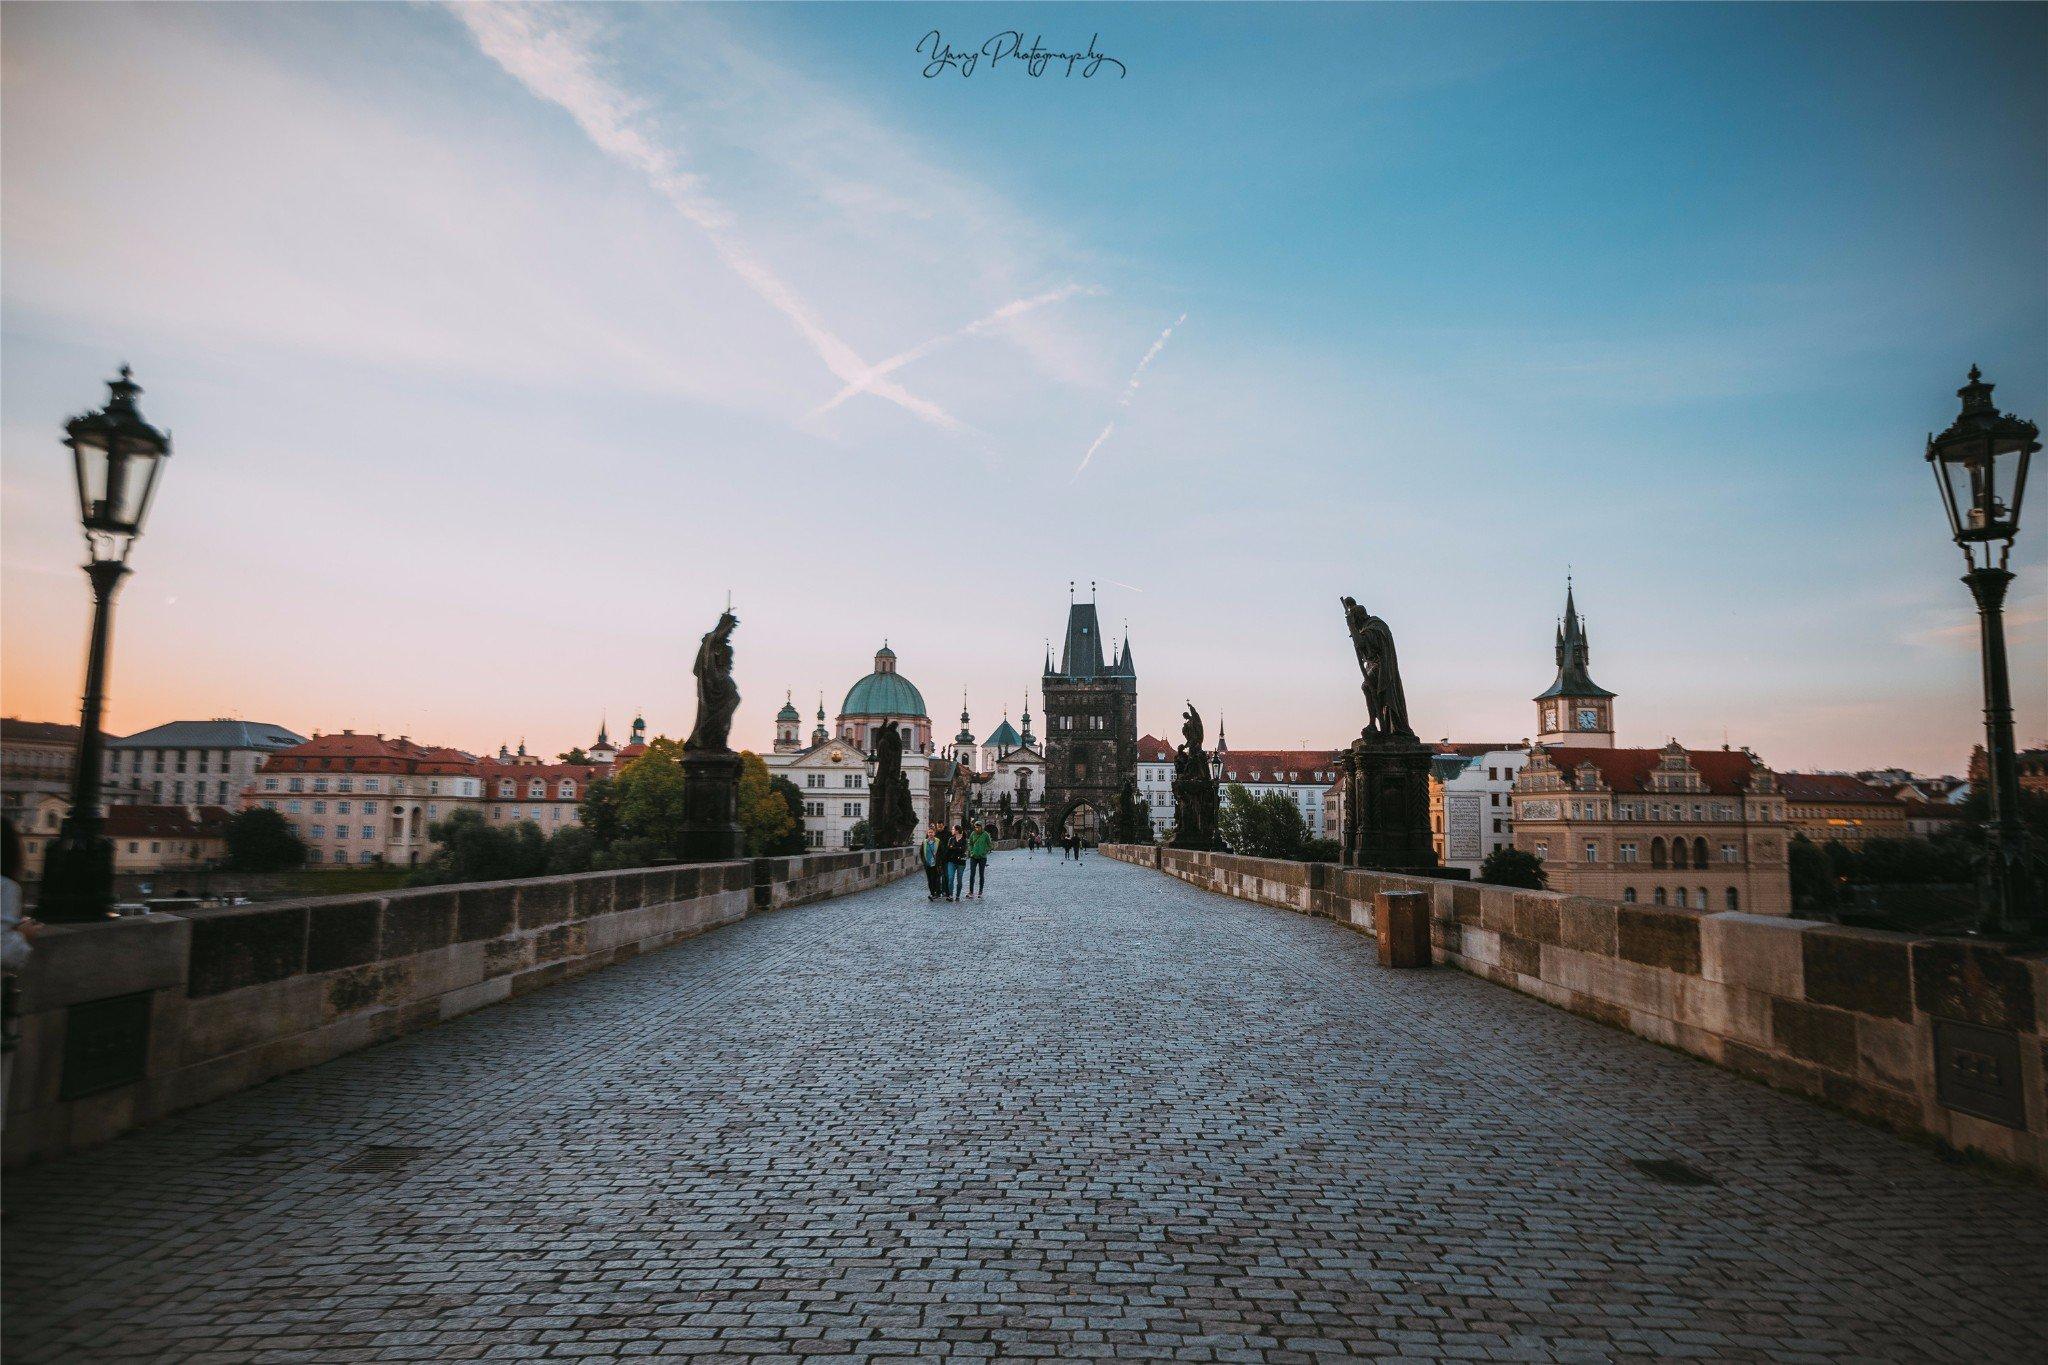 布拉格的爱与思念,才是捷克的灵魂。